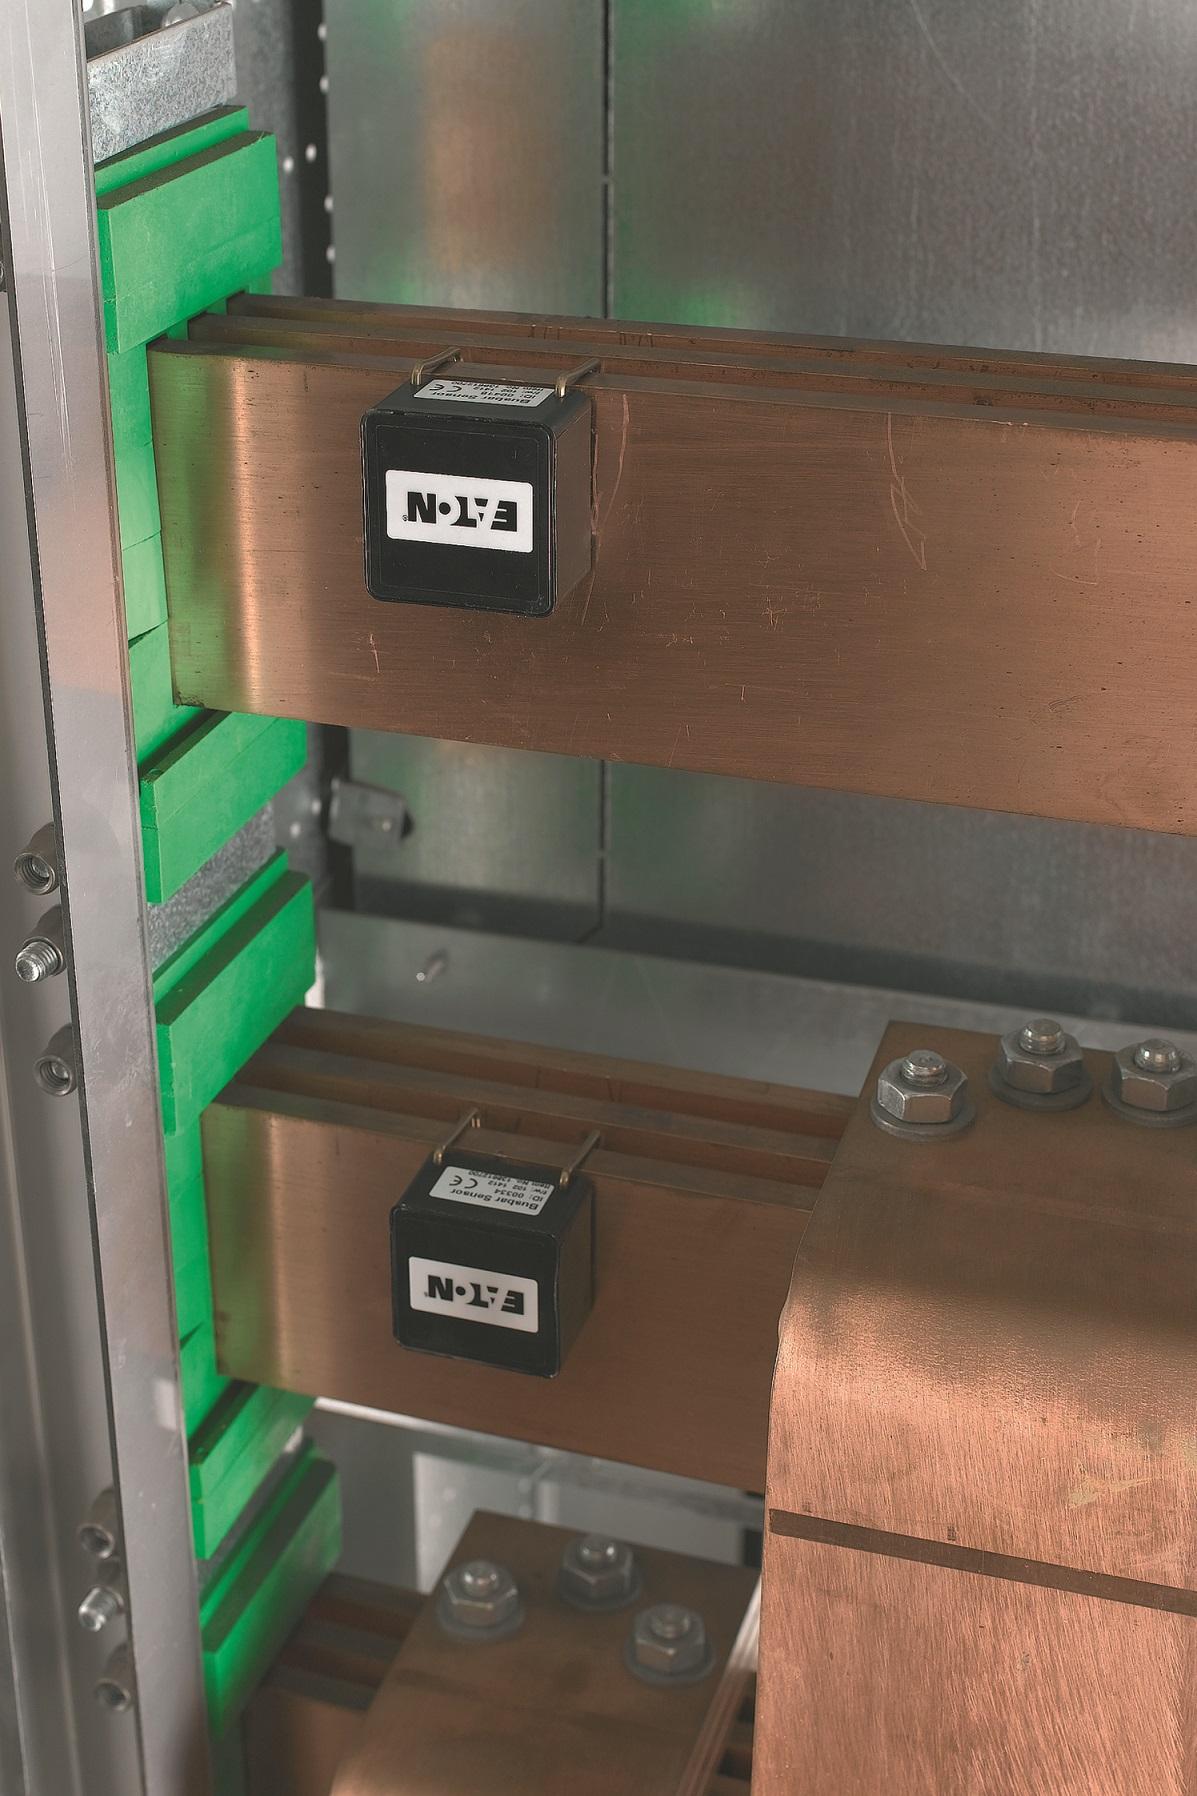 Czujniki temperatury bezprzewodowo przesyłają dane do kontrolera co 10 minut